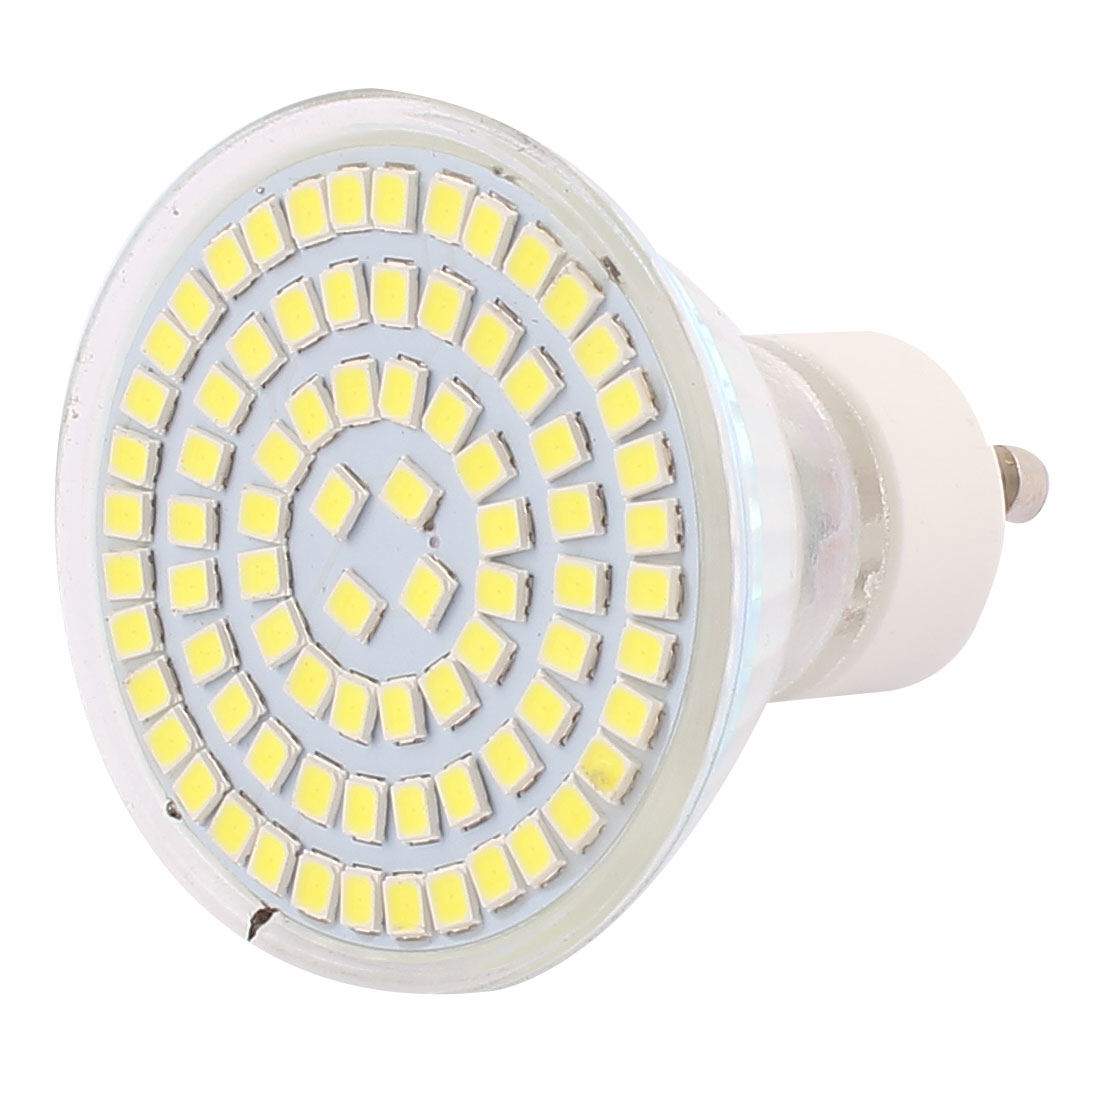 220V GU10 LED Light 8W 2835 SMD 80 LEDs Spotlight Down Lamp Bulb Lighting Pure White